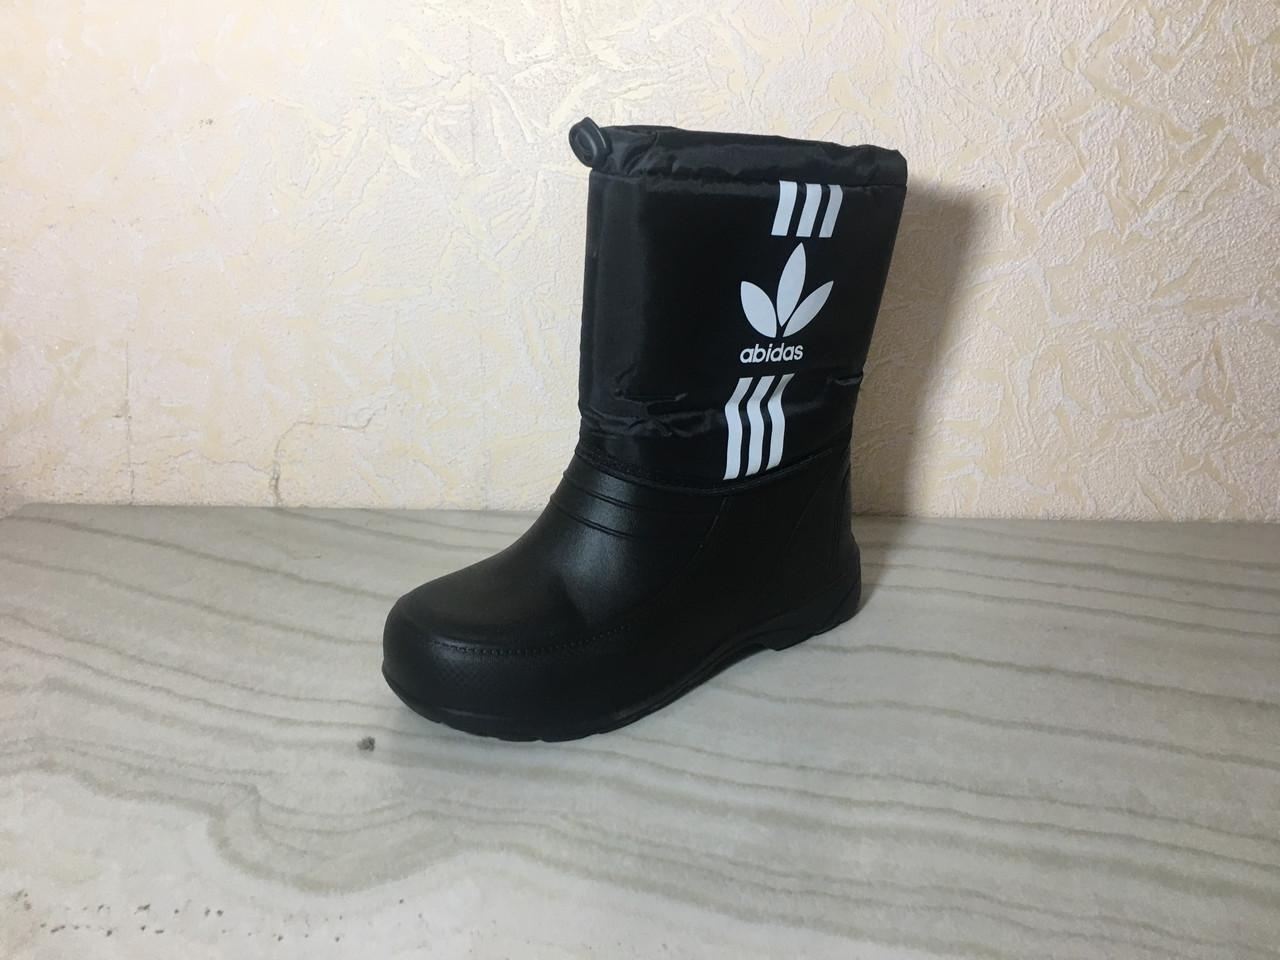 Сапоги ЭВА на подростка, зимние ботинки ПВХ, валенки Alaska, зимняя обувь из пенки, сноубутсы